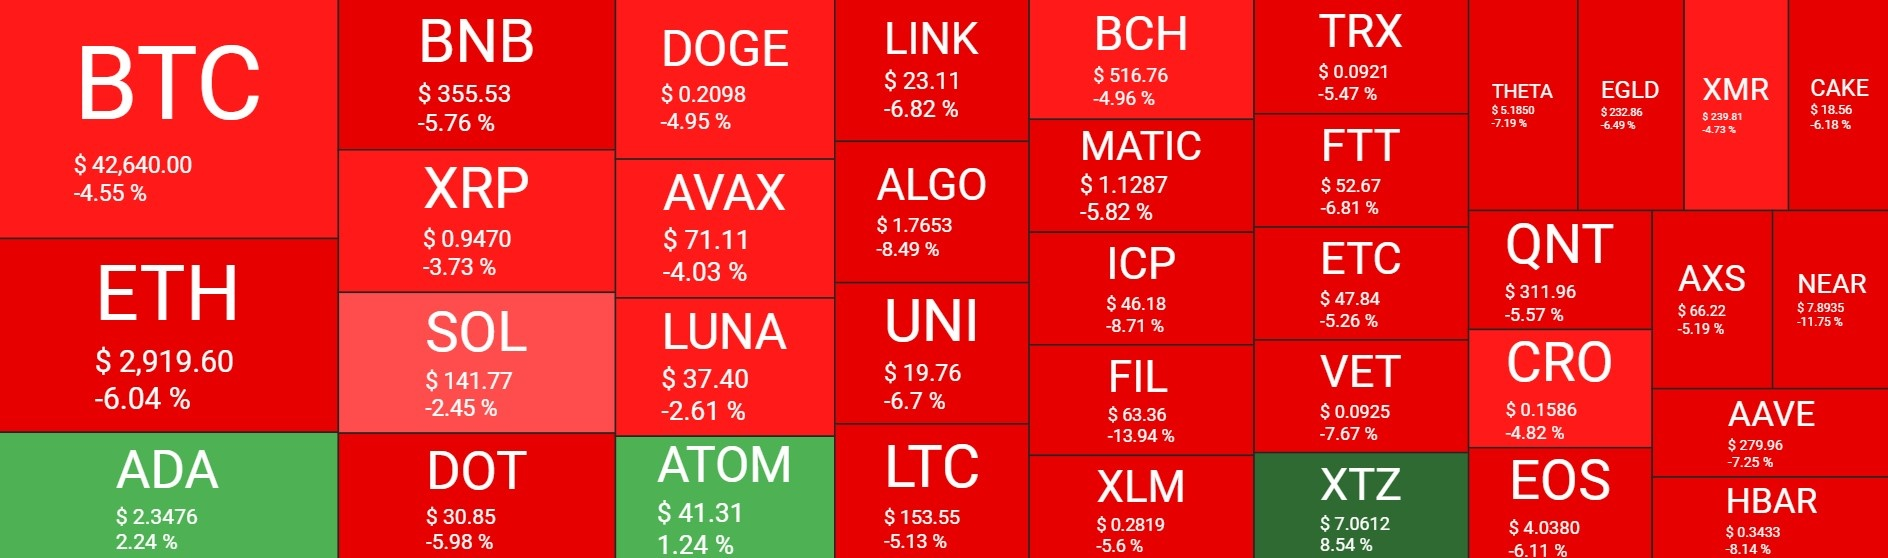 بازار3 - نگاهی کلی به وضعیت امروز بازار رمزارزها (3 مهر)